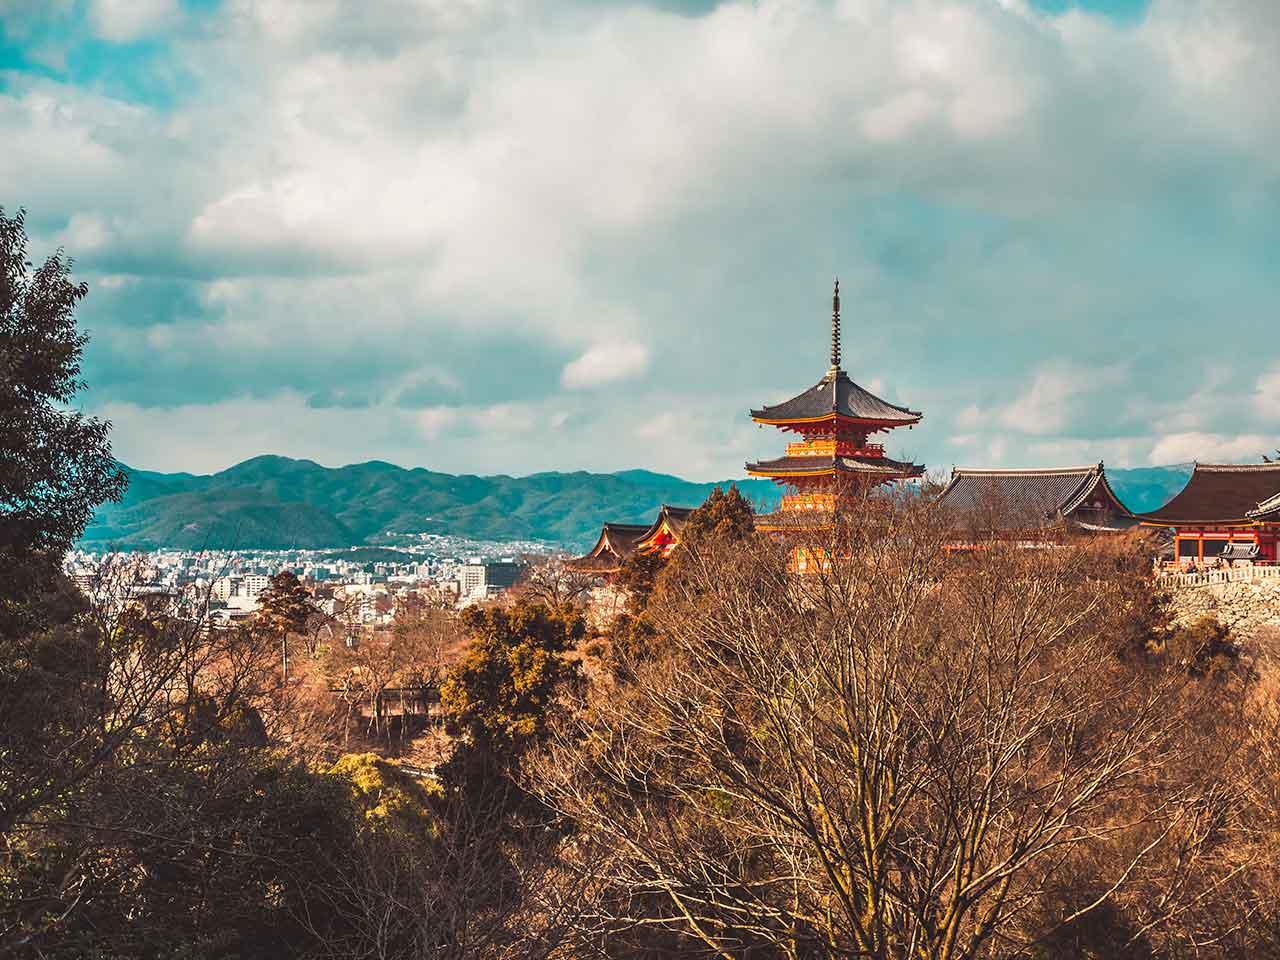 Kiyomizu Dera Tempel mit Kyoto im Hintergrund